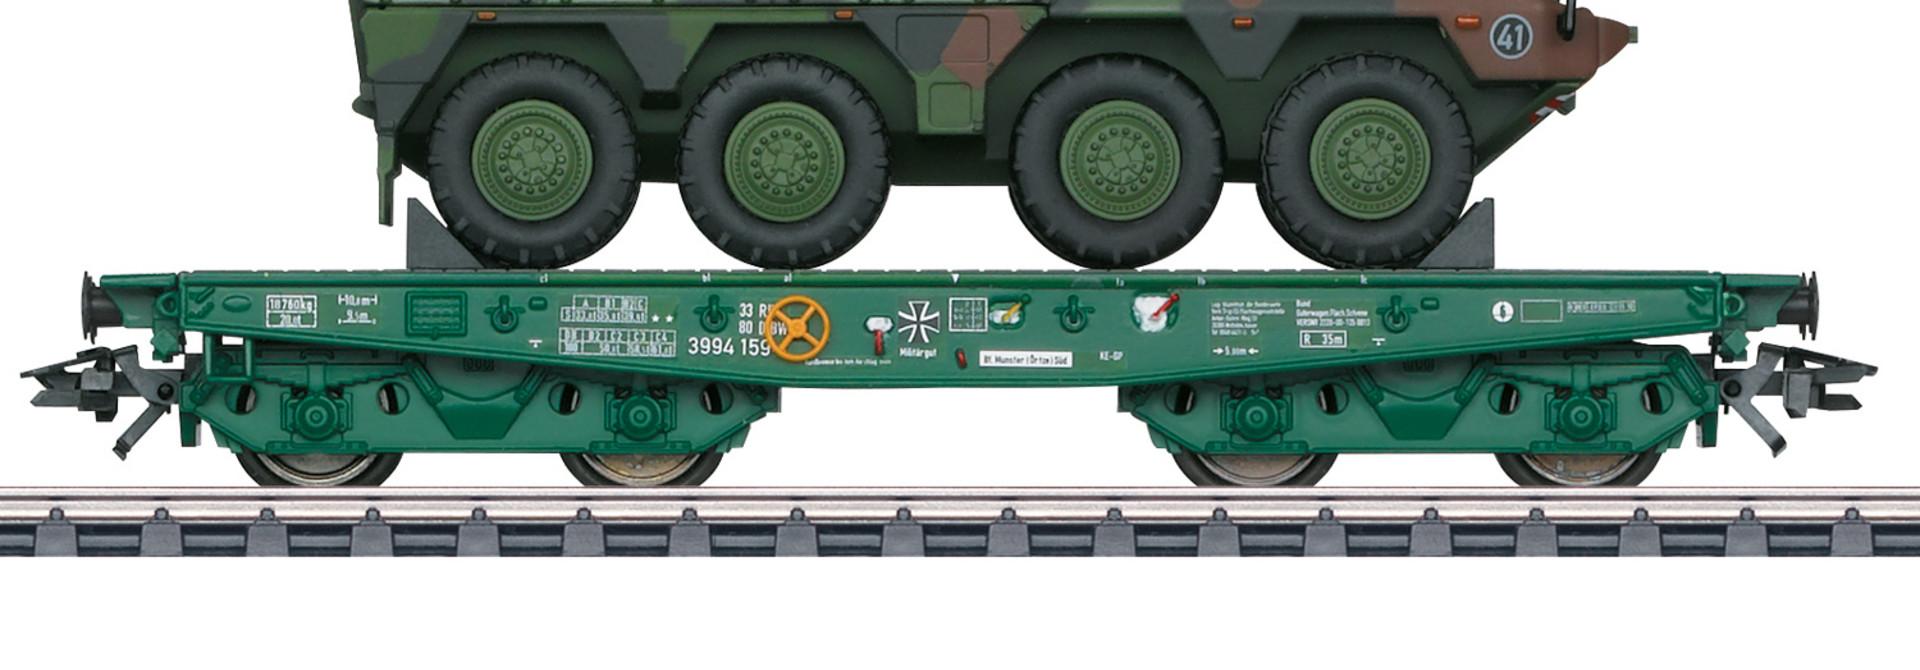 48790 zwaarlastwagen Rode Kruis Eurotrain exclusief